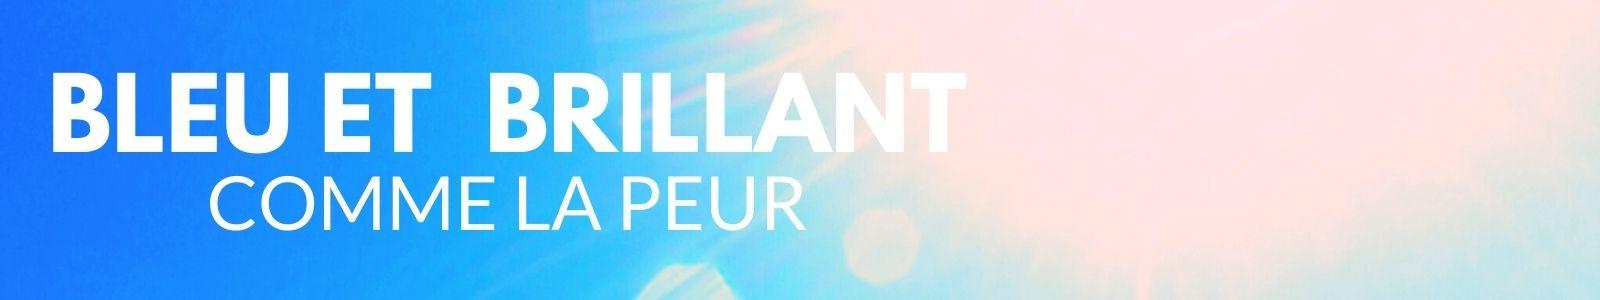 NouvellesNoires-S06E08-Bleu-Brillant-bandeau